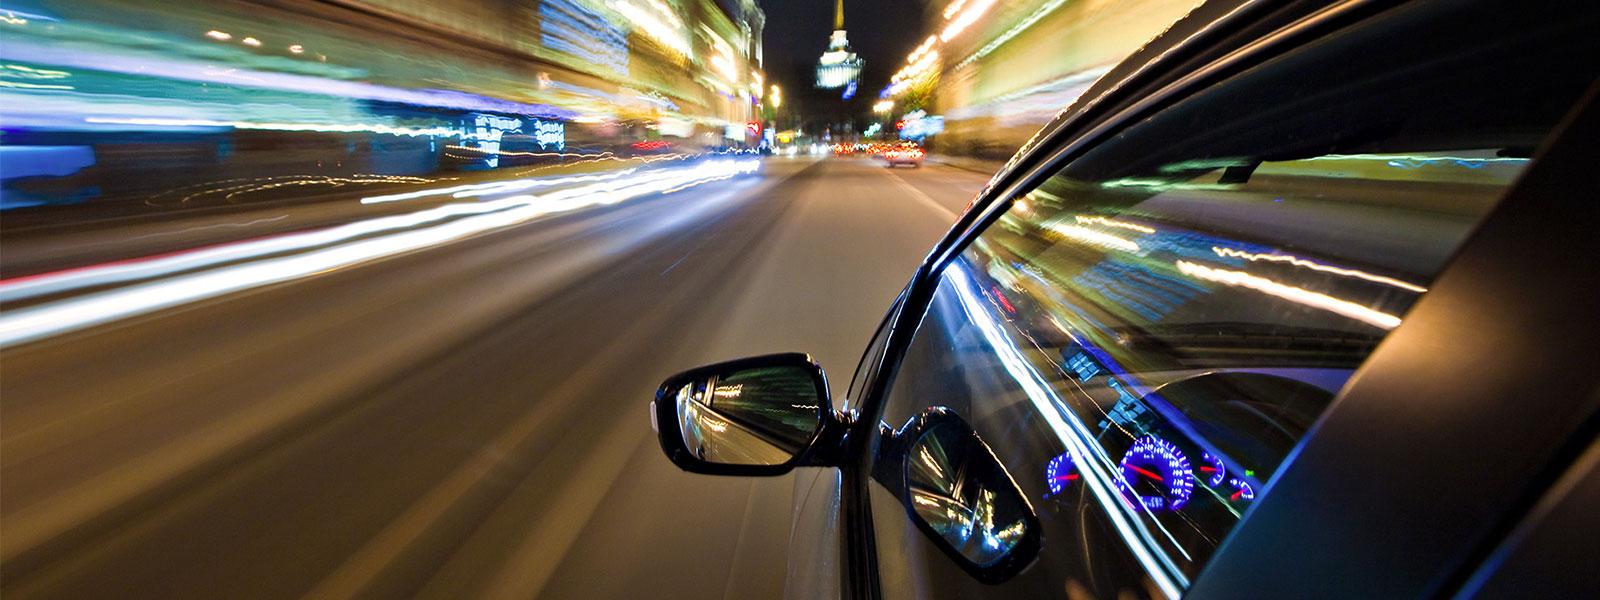 driving_while_high_cannabis.jpg